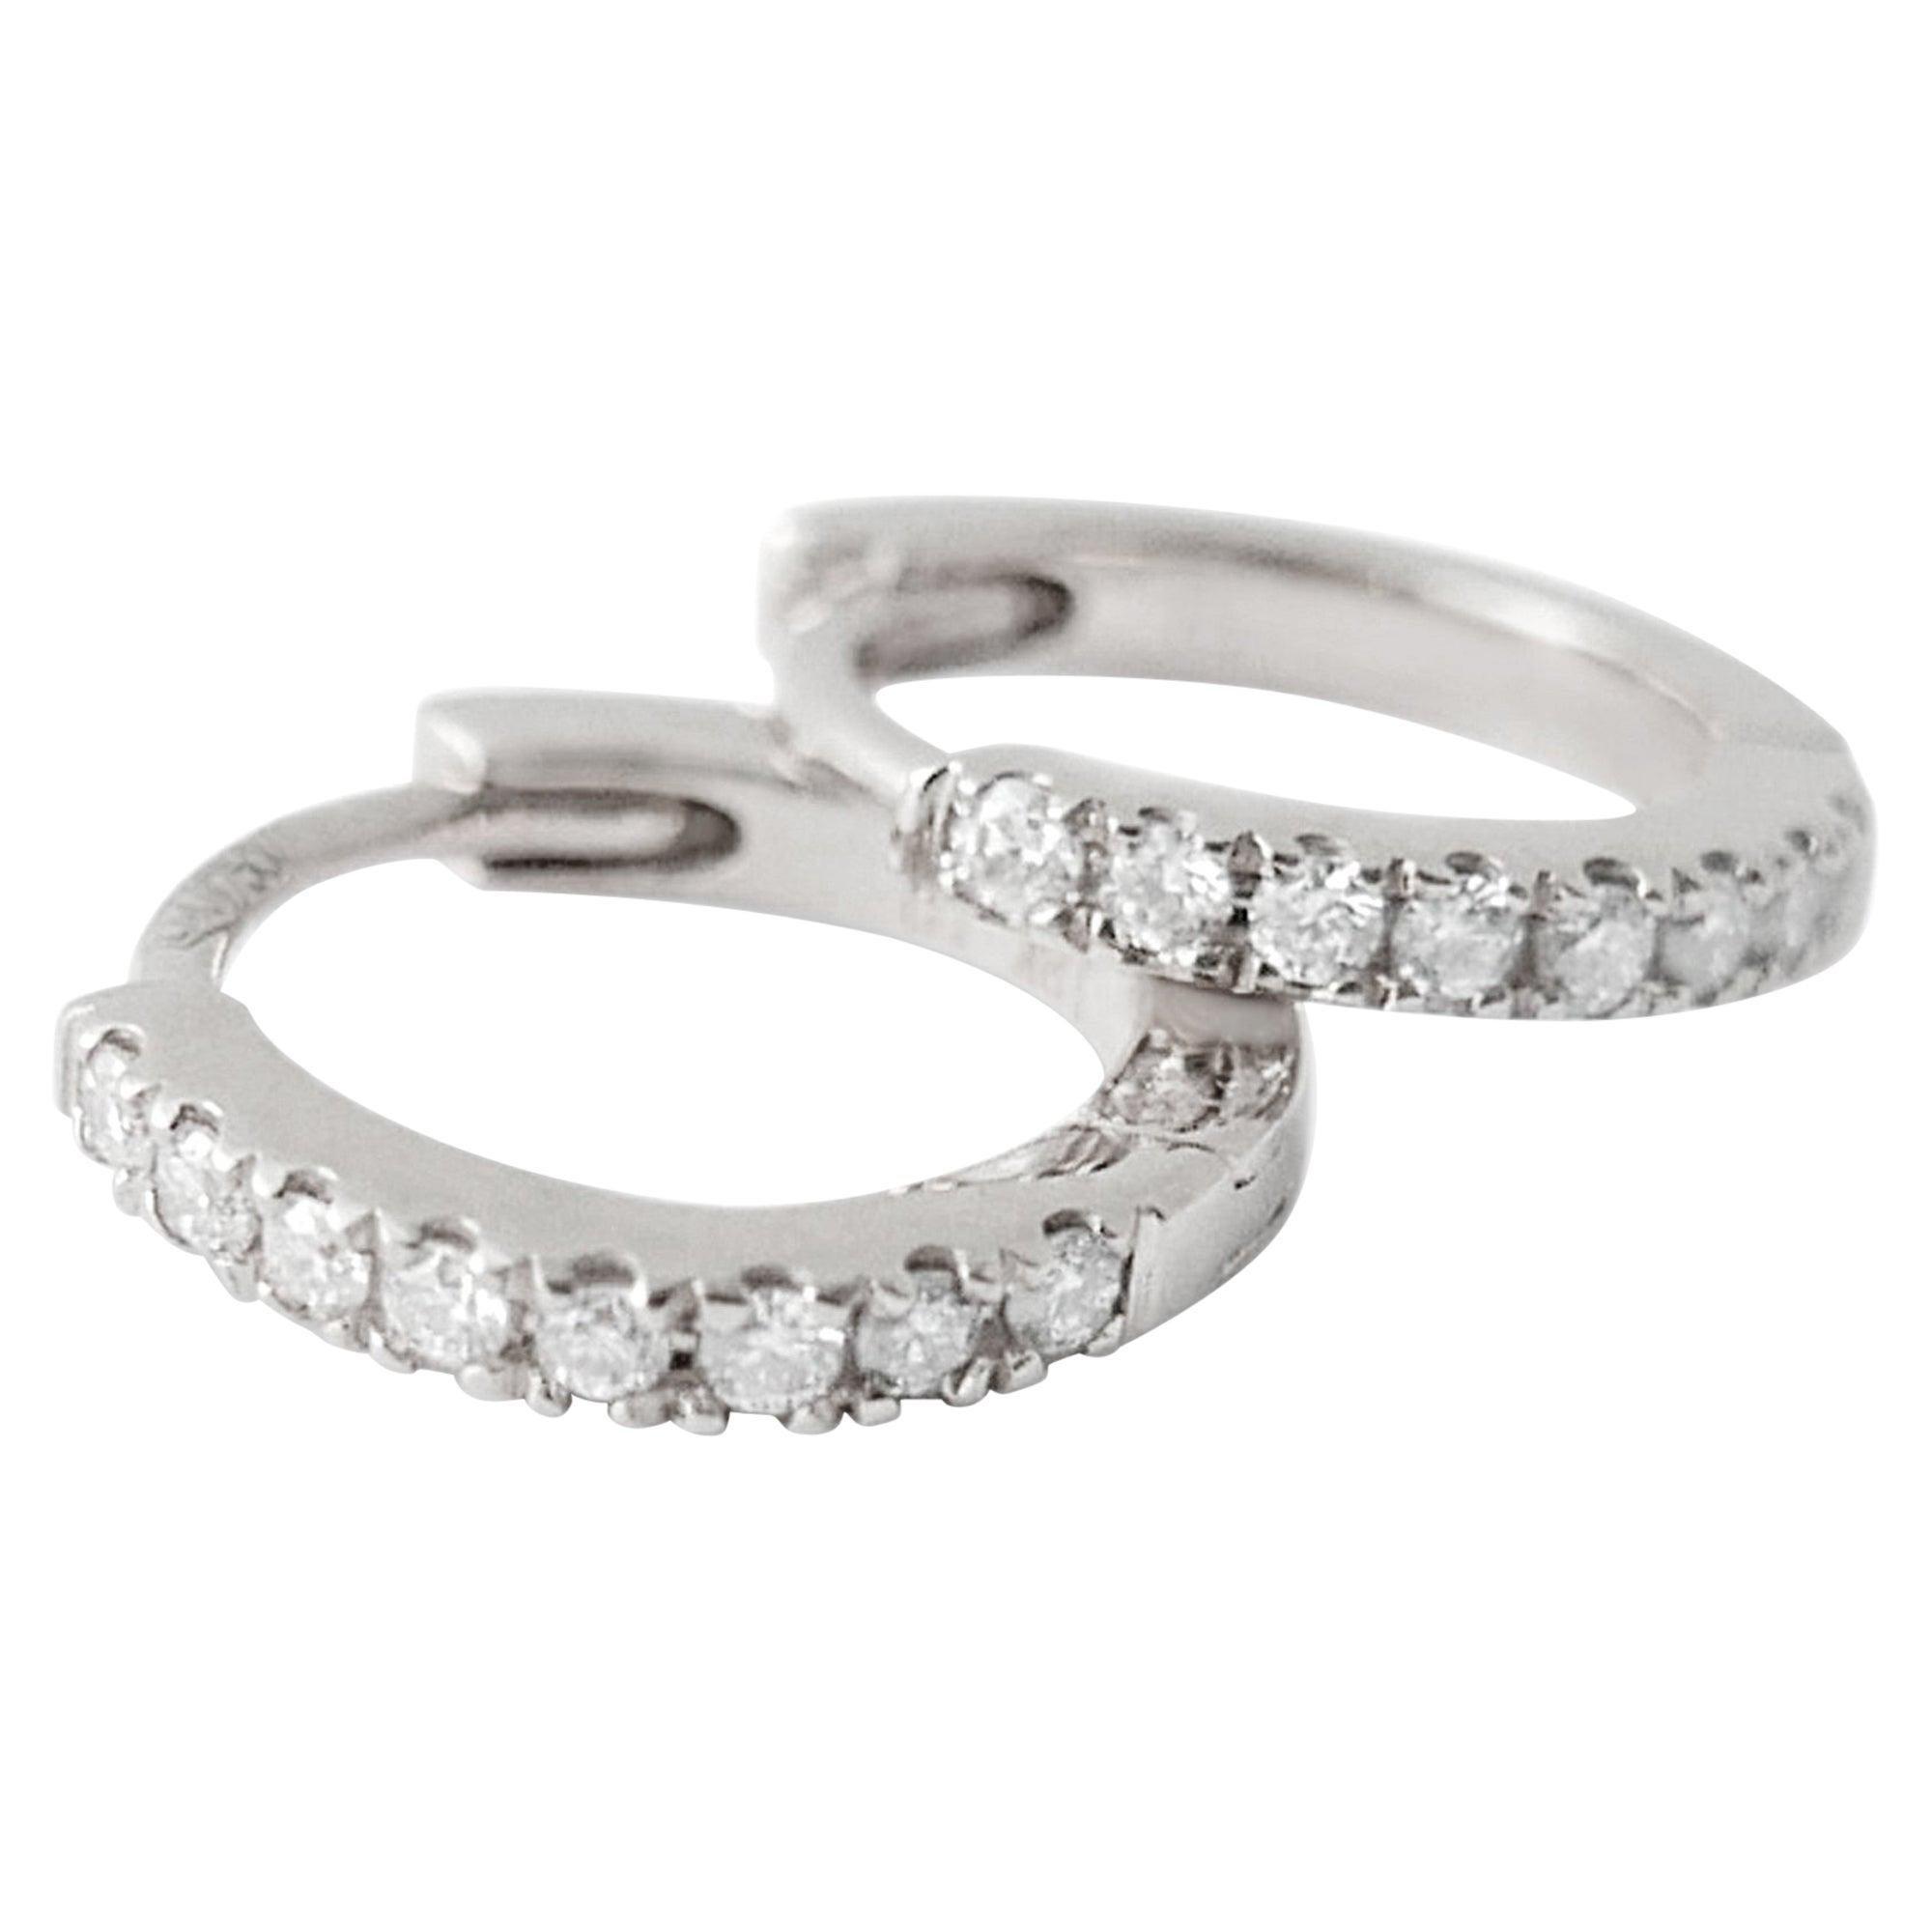 Mini Diamond Hoop Earrings in 18 Karat White Gold by Allison Bryan